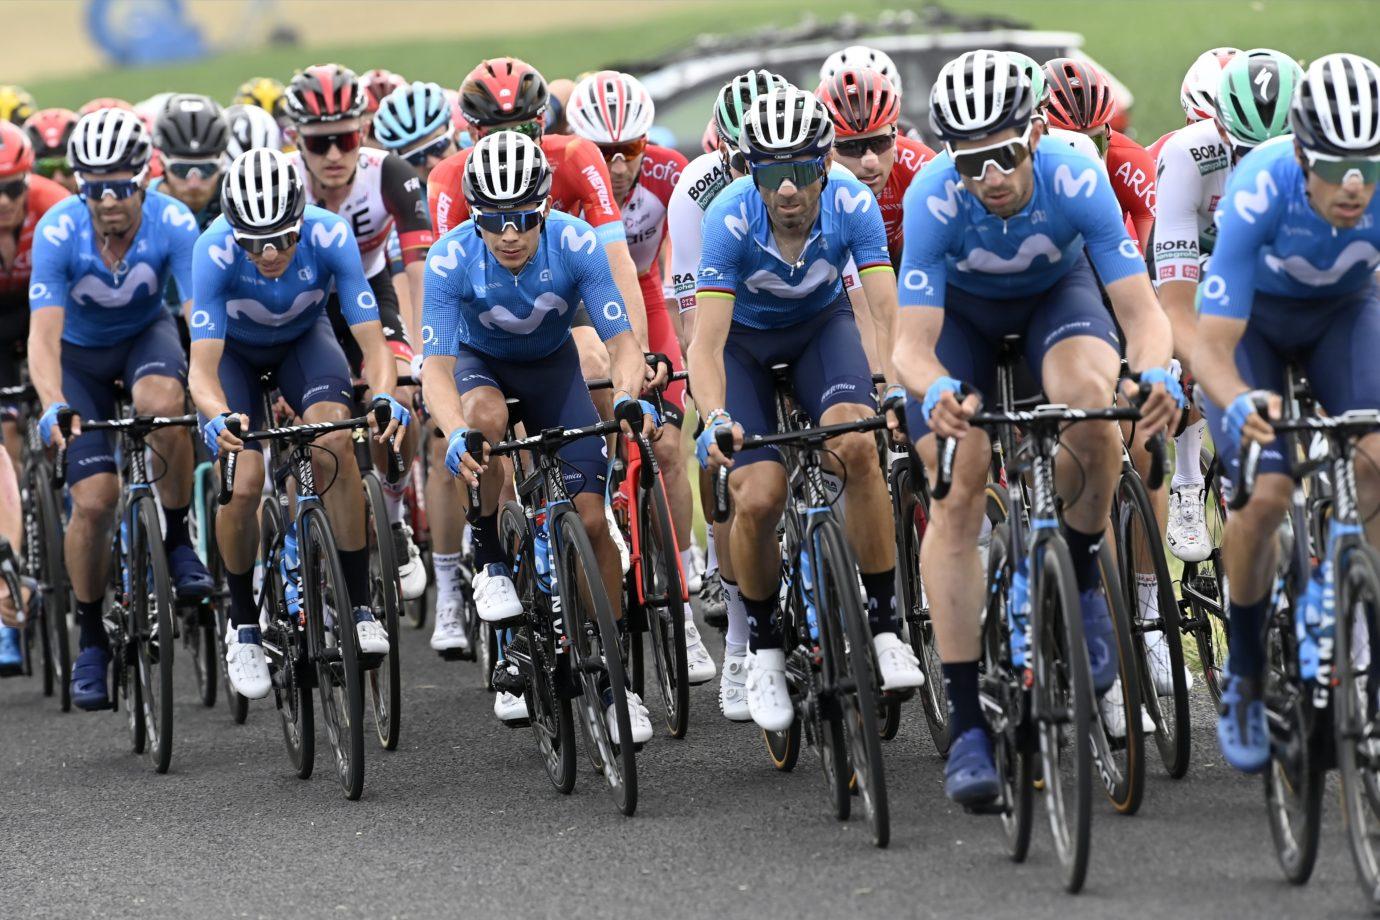 News' image'Arranque con aplomo en el Dauphiné; Valverde, 10º en Issoire'